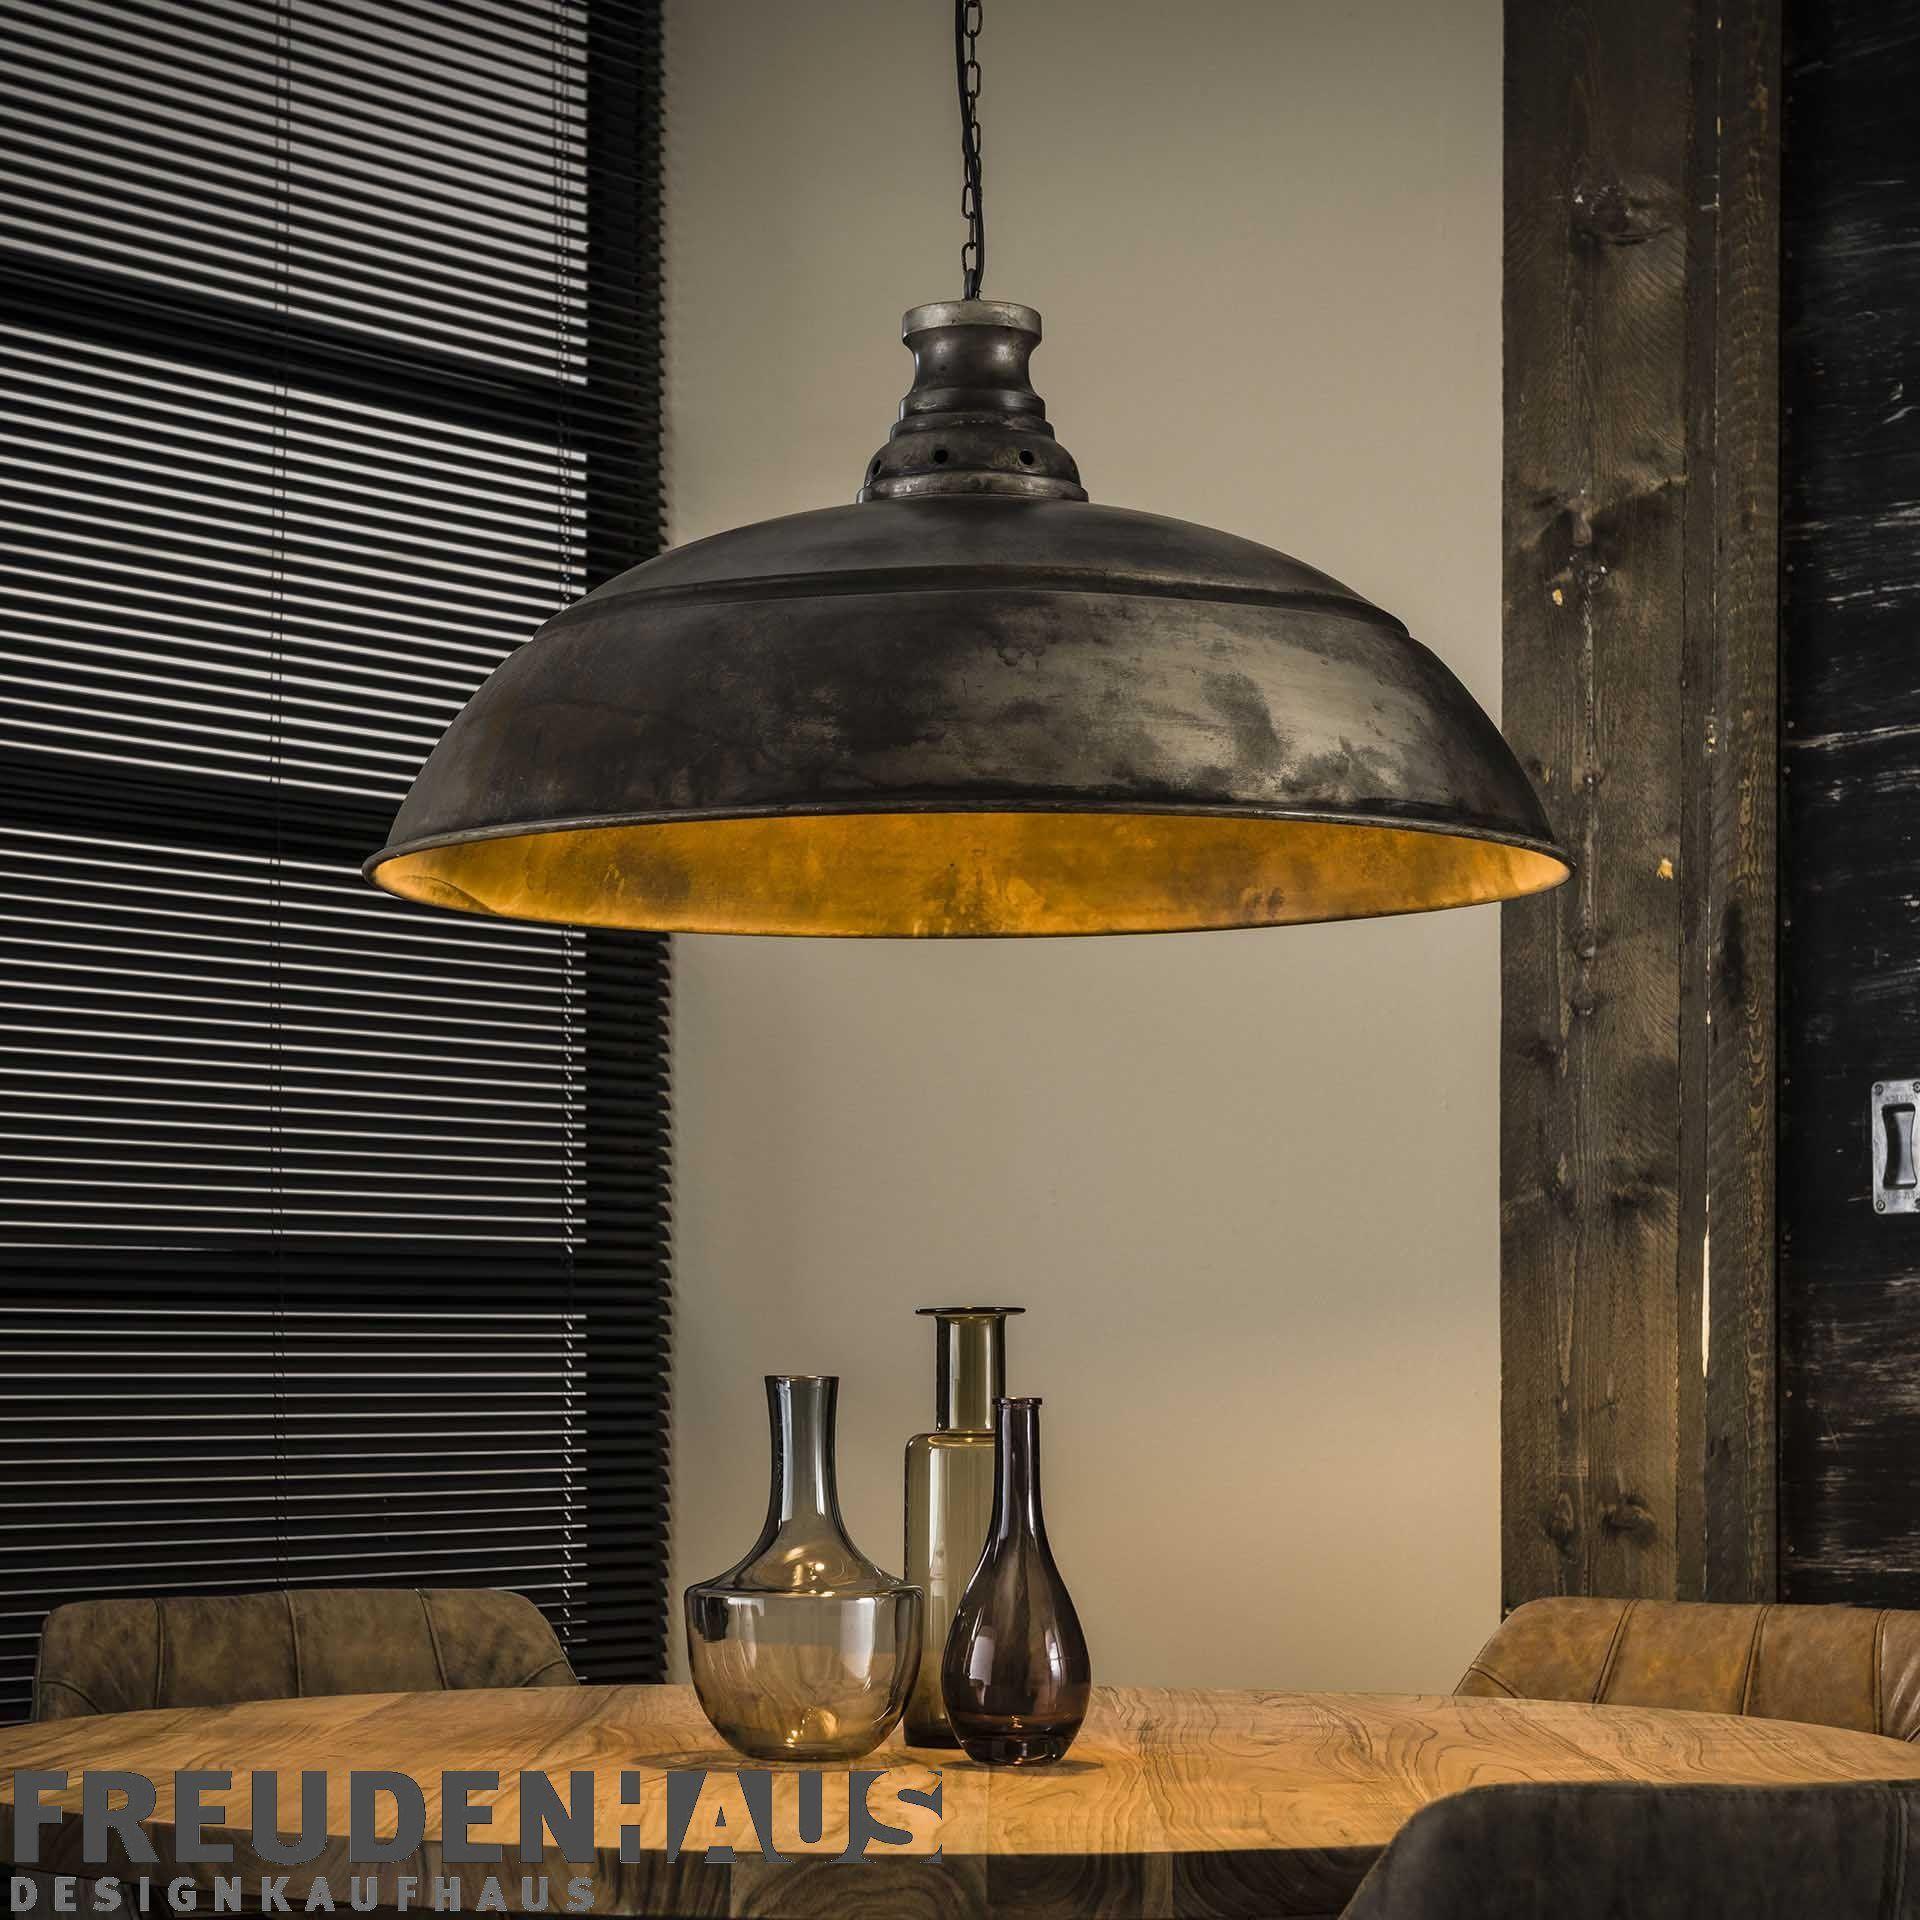 Hangelampe Vintage Industrial O 80 Metall Altsilber In 2020 Grosse Lampen Hangelampe Vintage Lampe